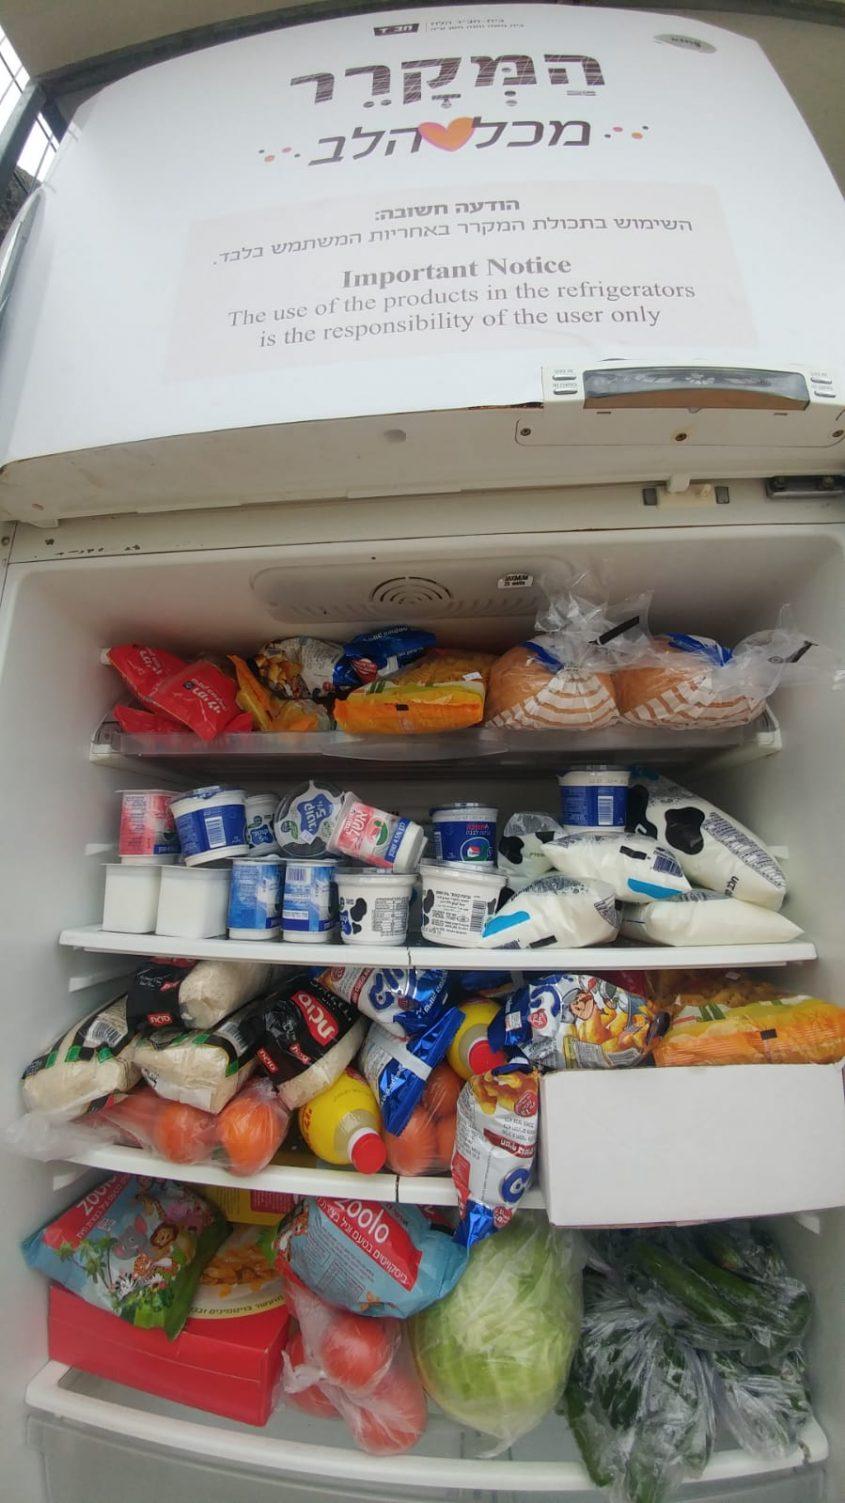 המקרר מתרוקן ומתמלא